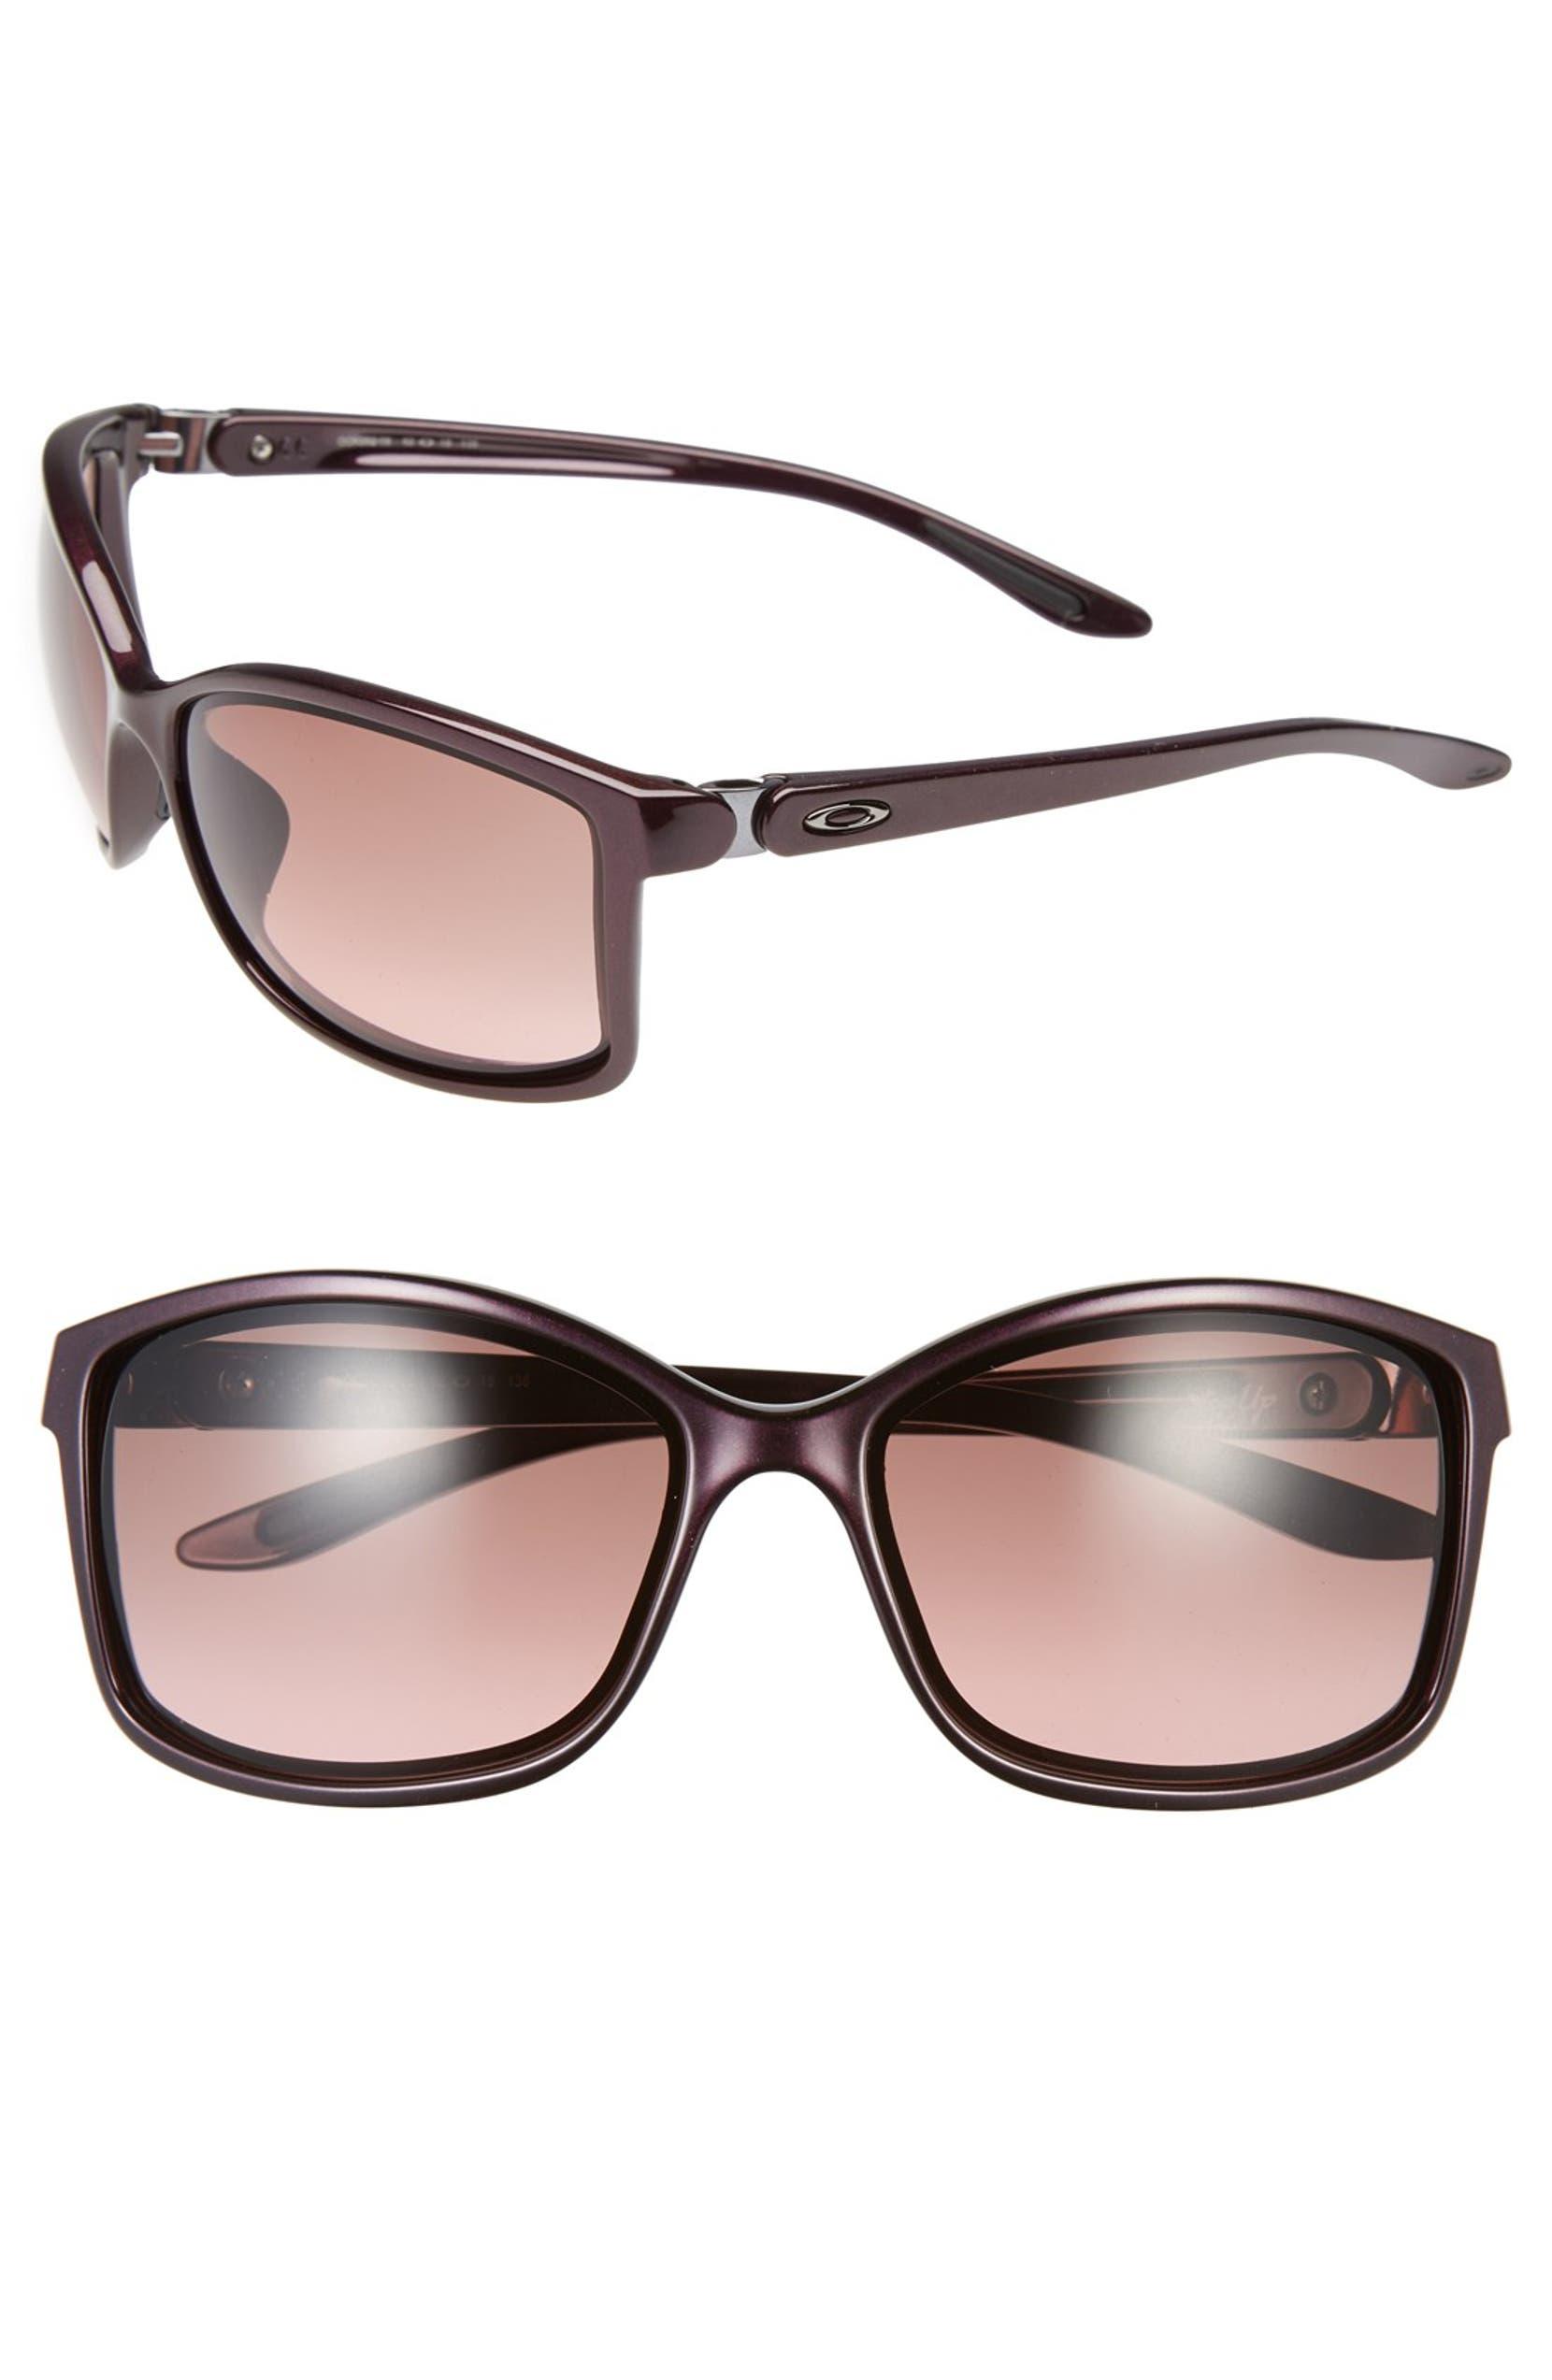 405a4b5610c Oakley  Step Up  62mm Sunglasses